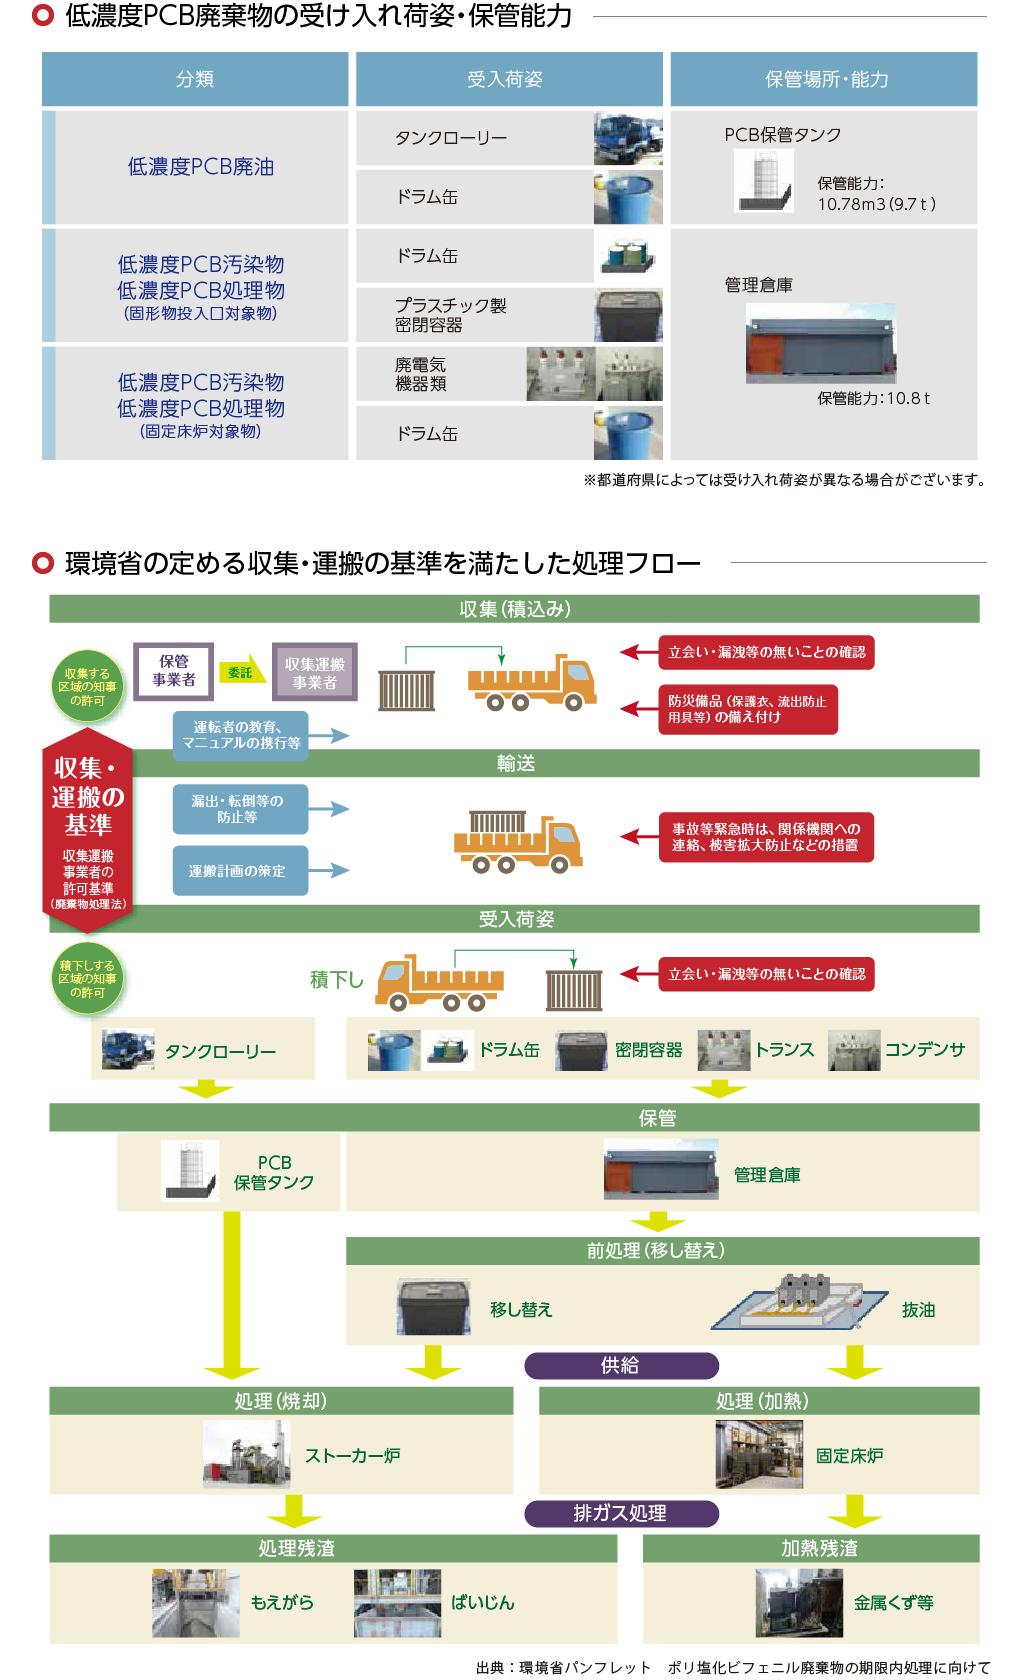 低濃度PCB廃棄物の受け入れ荷姿・保管能力/環境省の定める収集・運搬の基準を満たした処理フロー